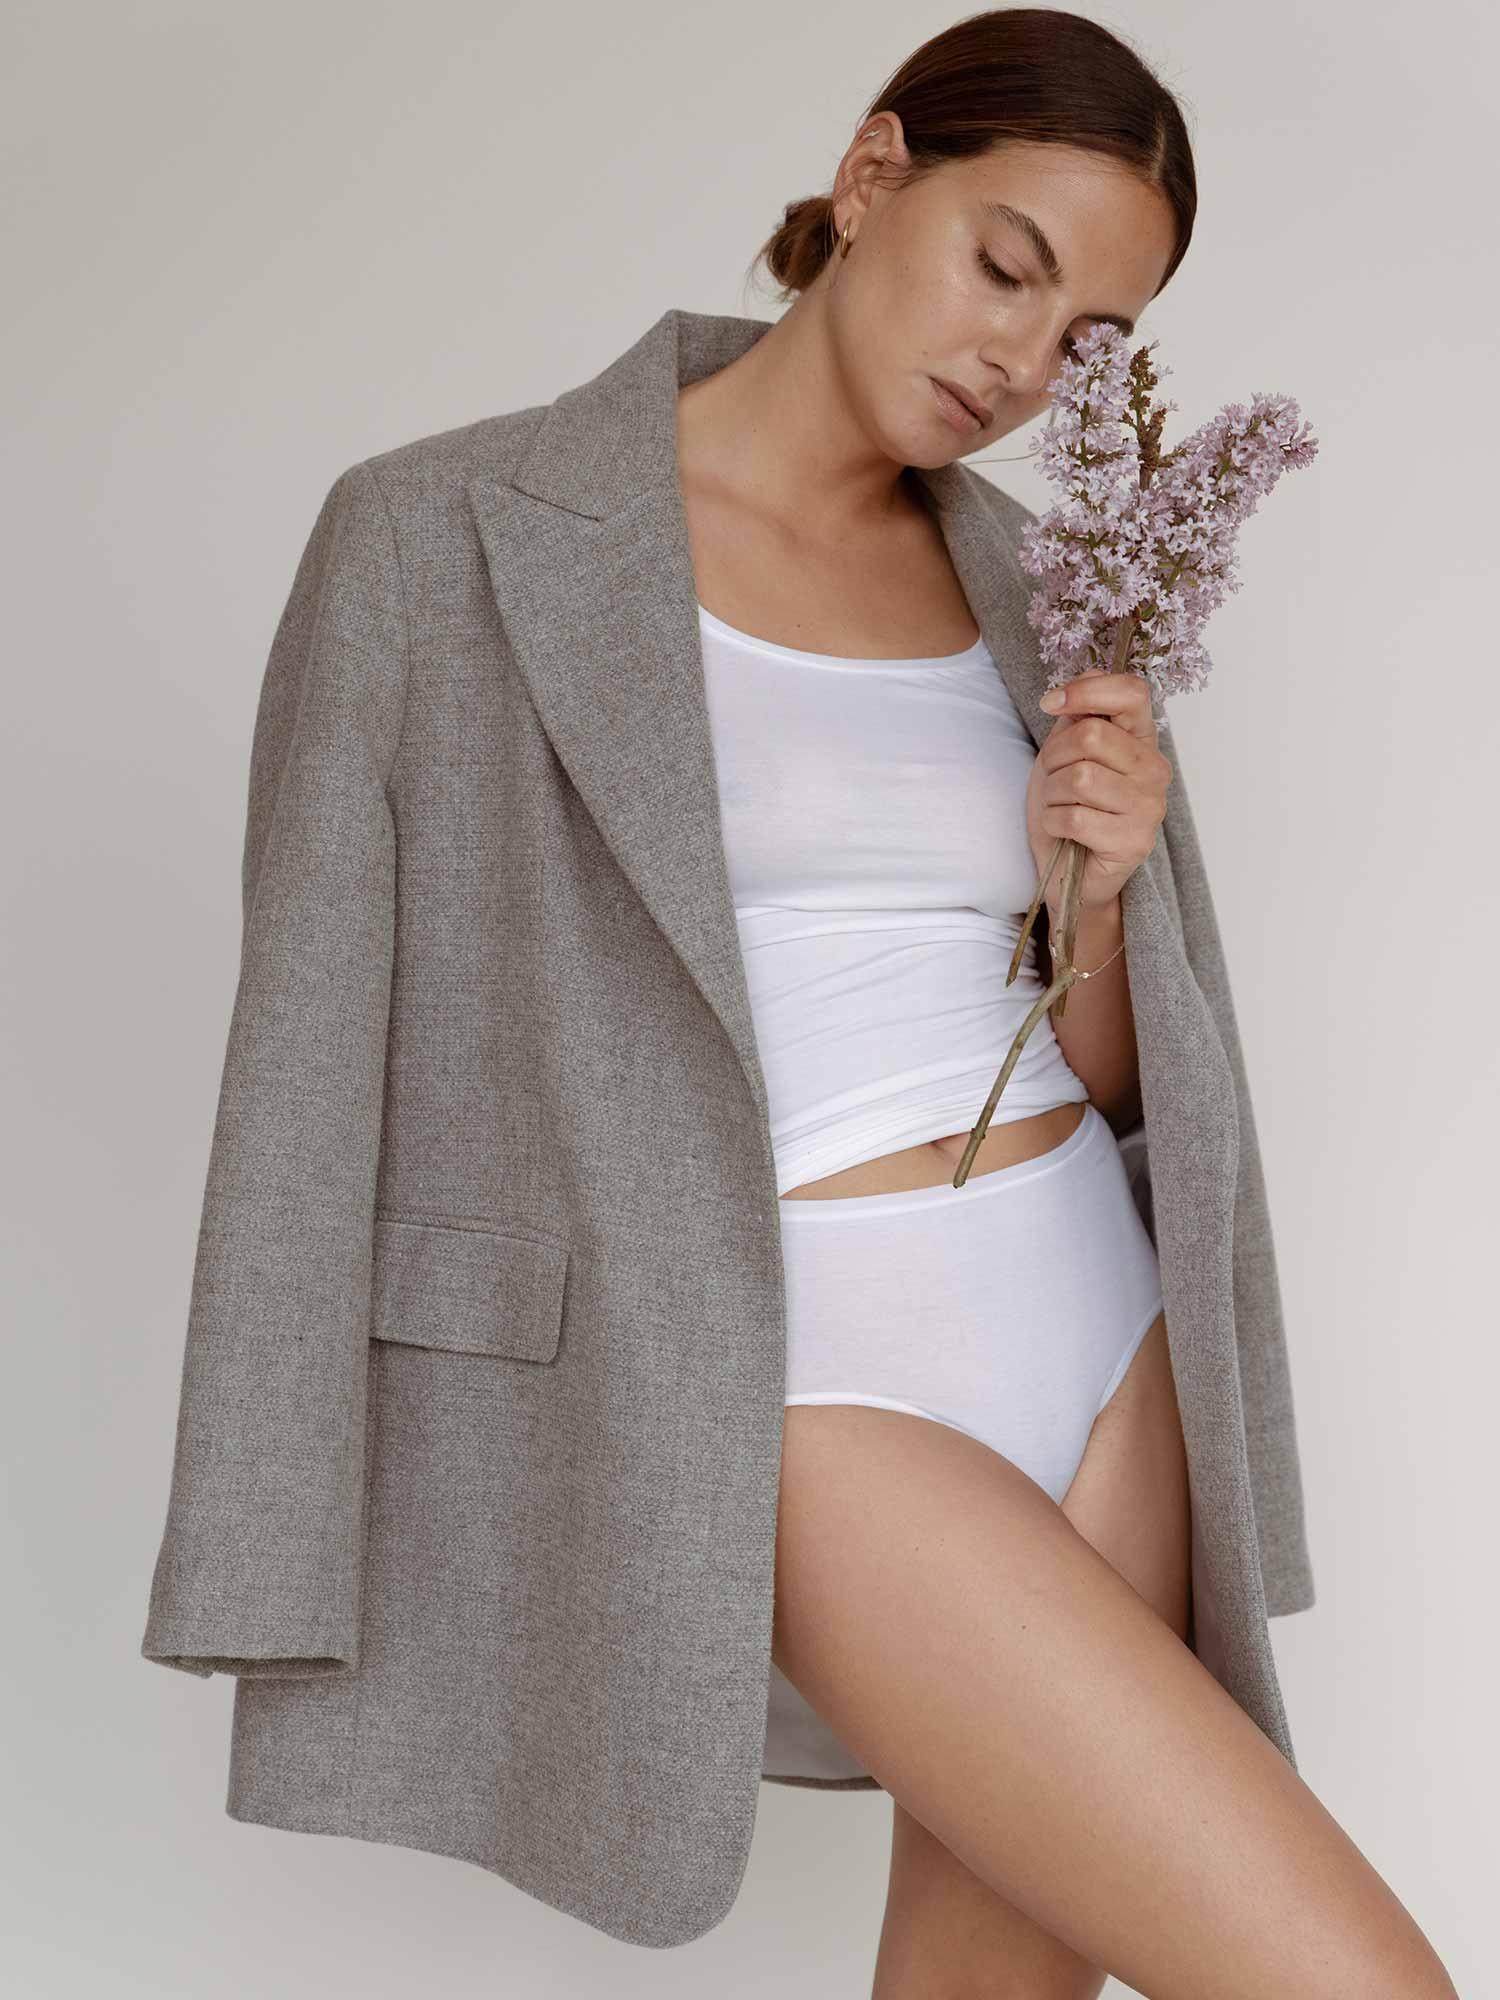 Besonders lieben wir, dass die minimalistischen Styles zu den verschiedensten Looks funktionieren – zum coolen Oversize-Blazer genauso wie solo zu Denim oder Shorts. | mey®